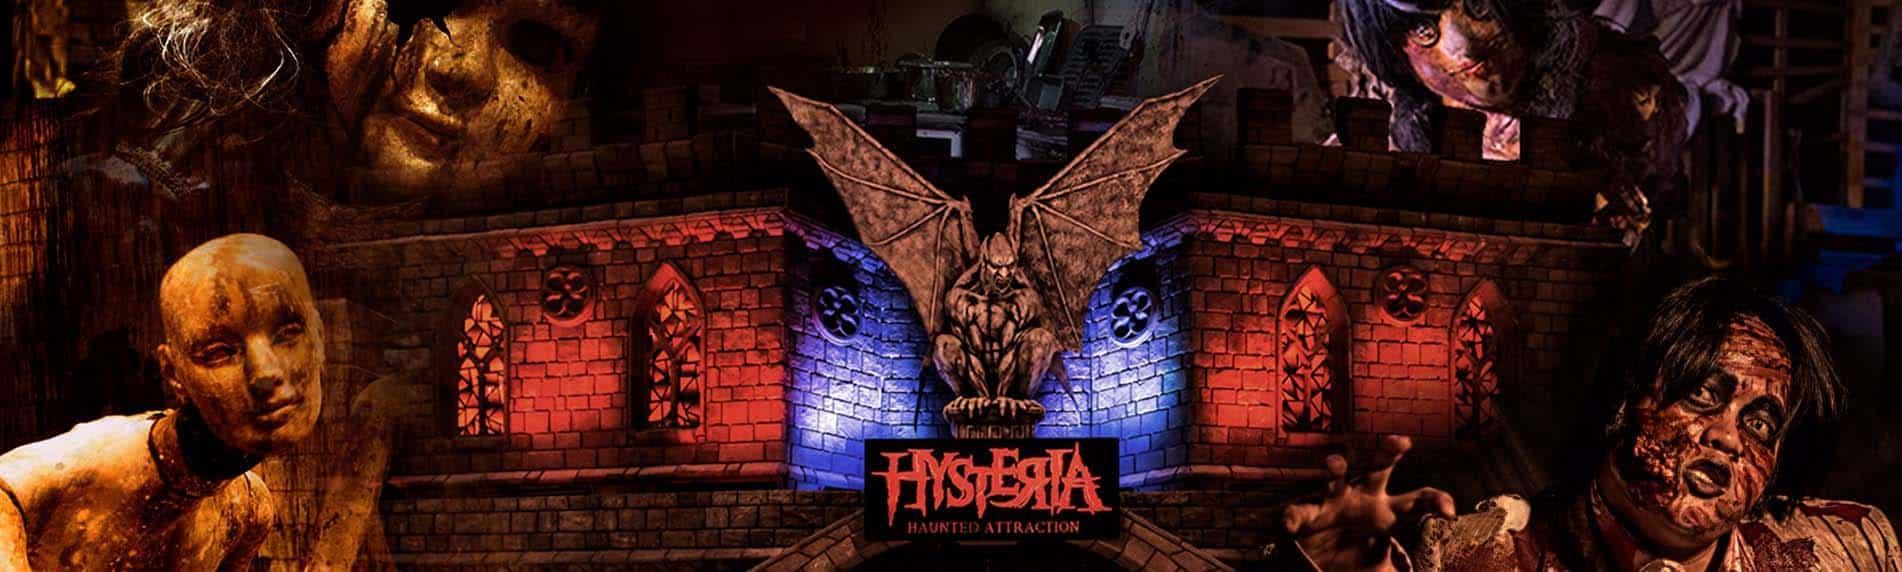 hysteria-dubai